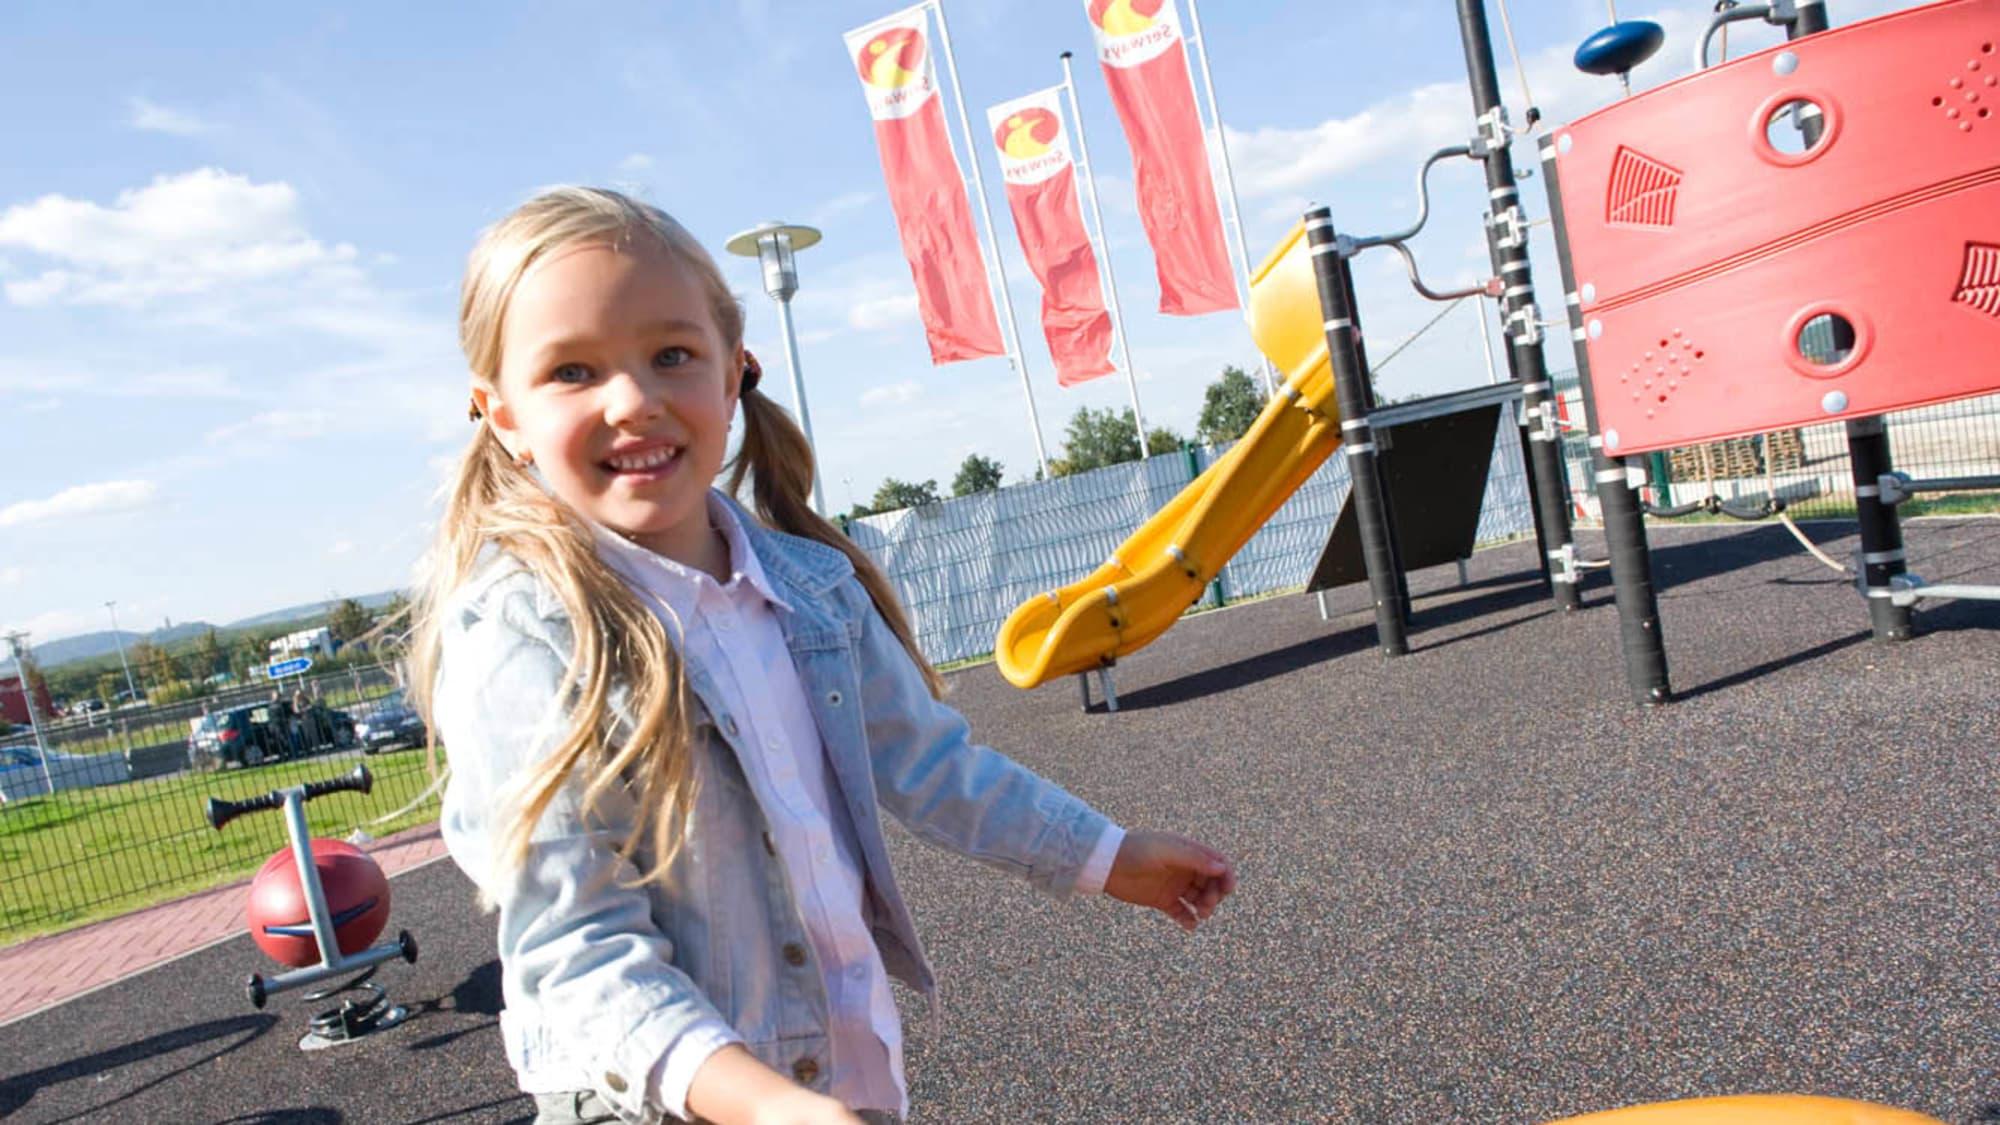 Mädchen spielt auf Spielplatz an einem Tank und Rast Spielplatz